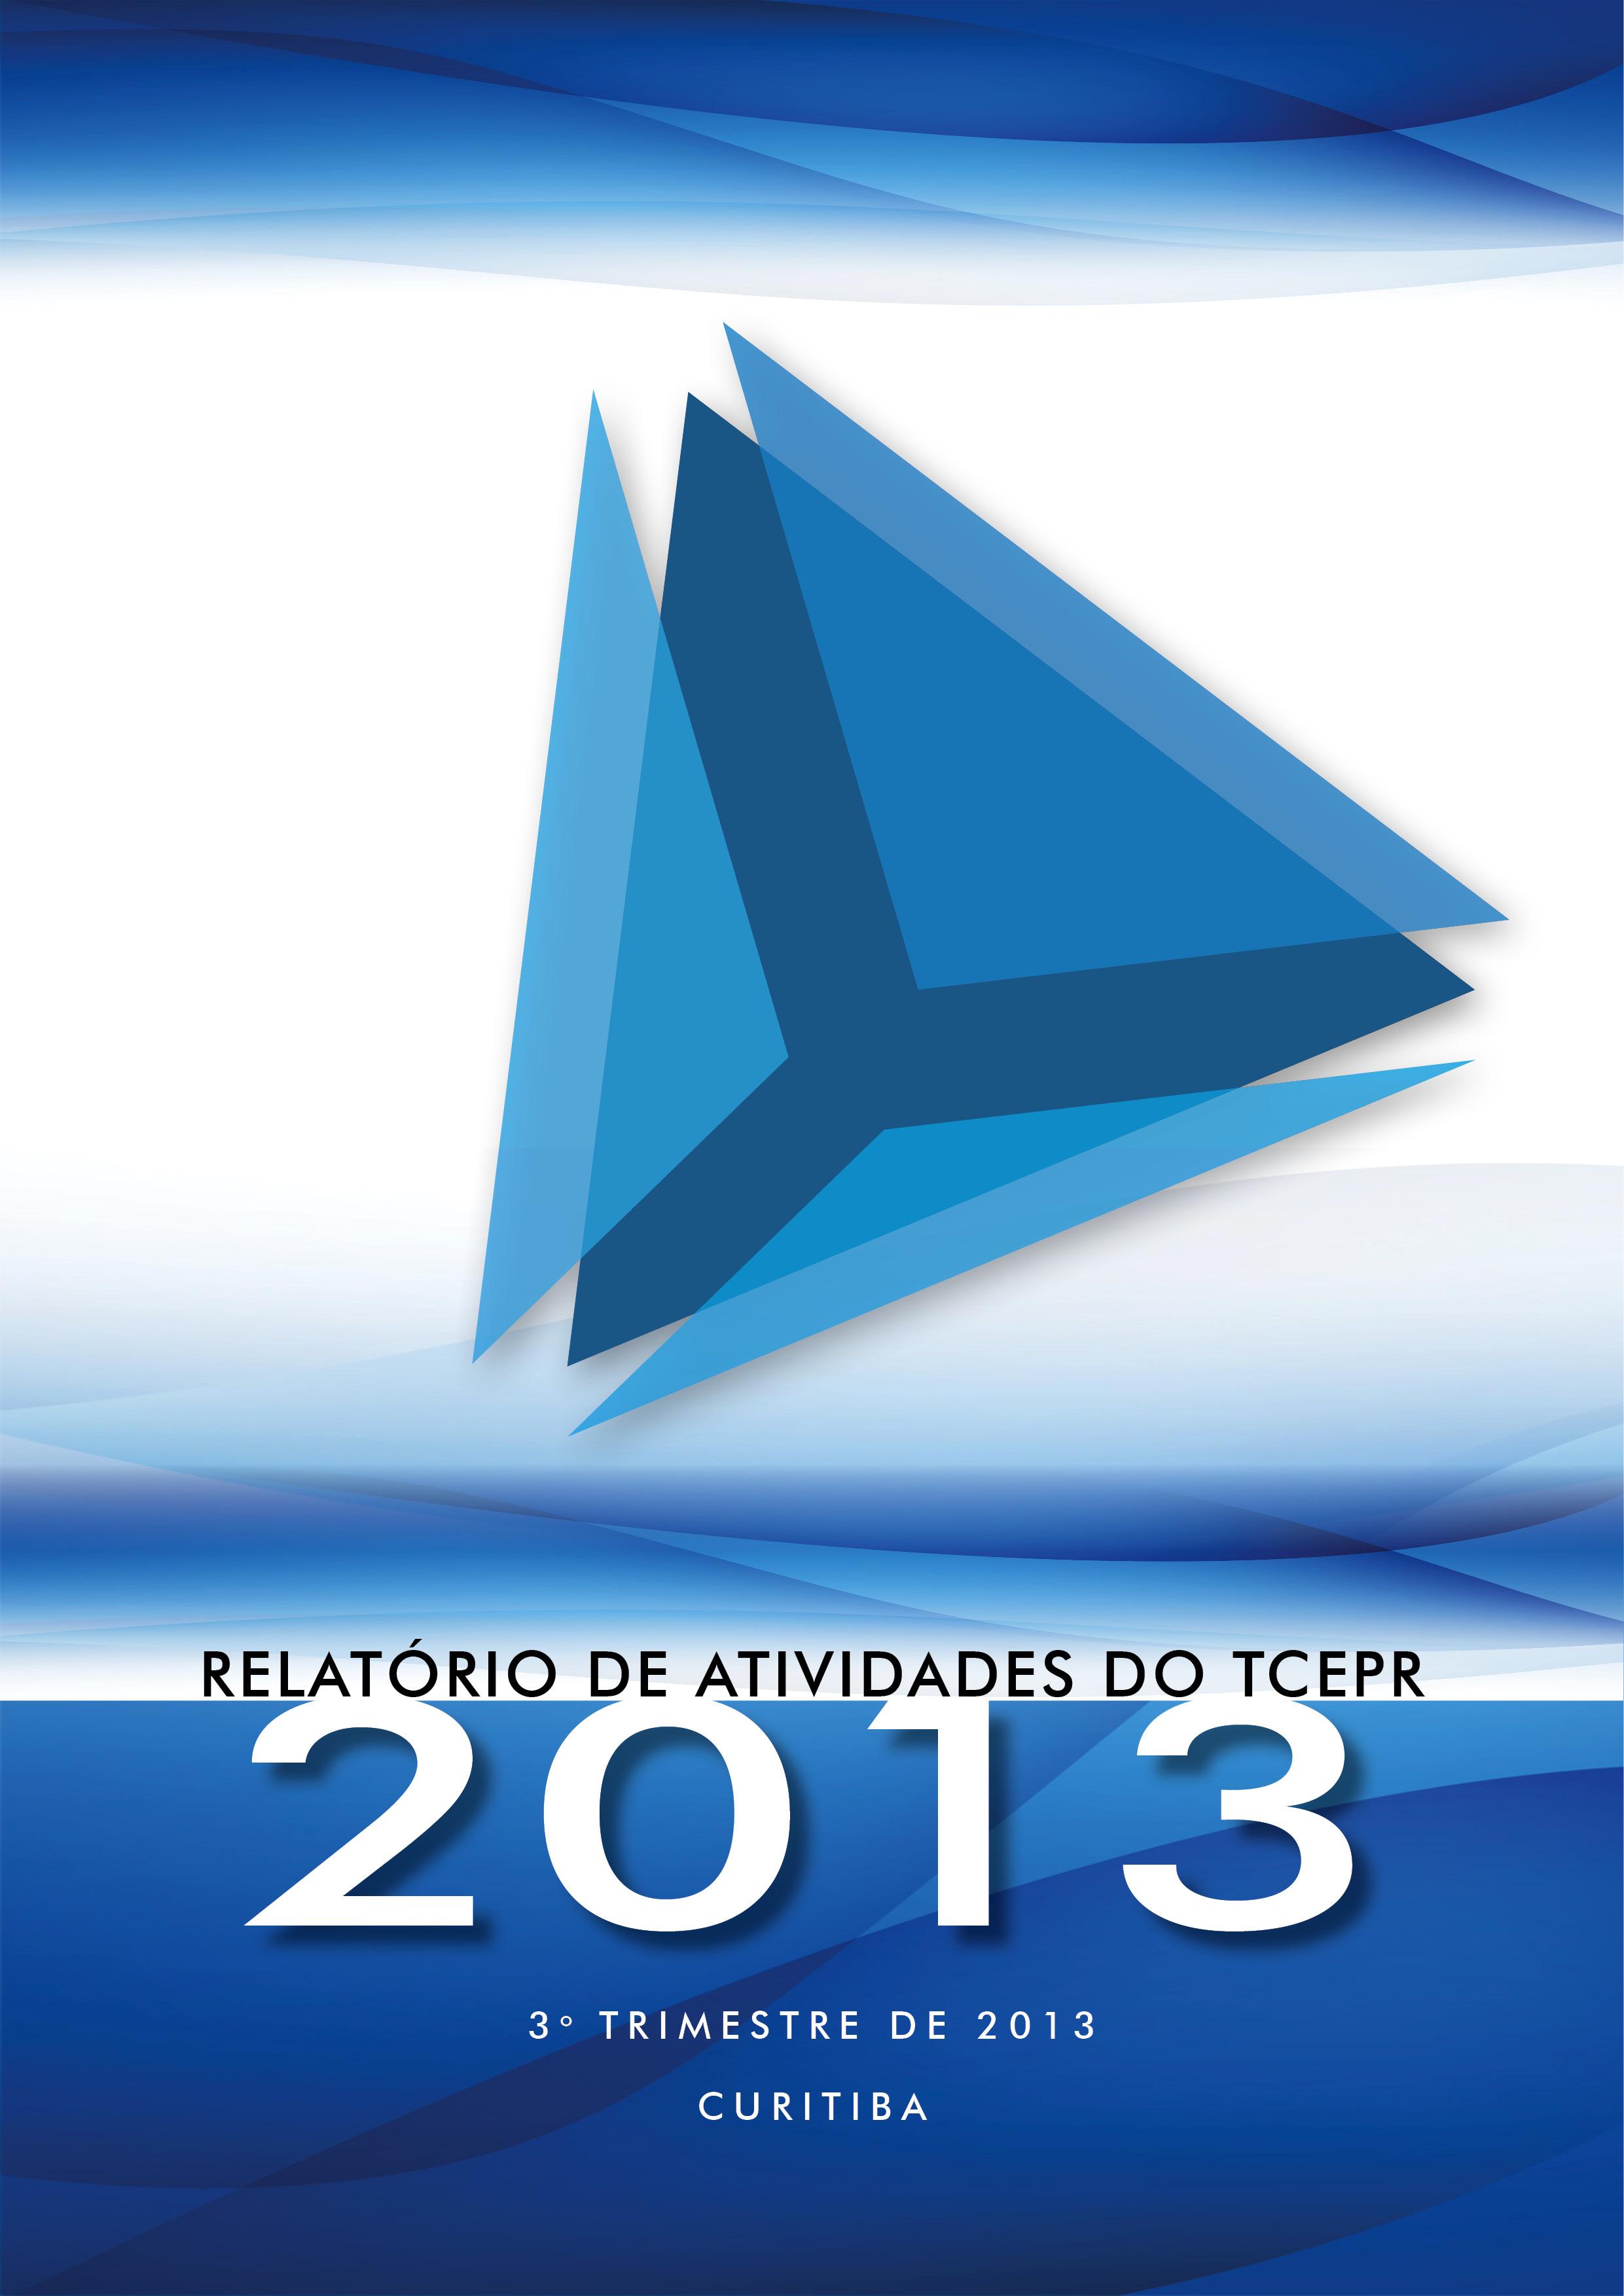 Relatório de Atividades - 3º Trimestre de 2013